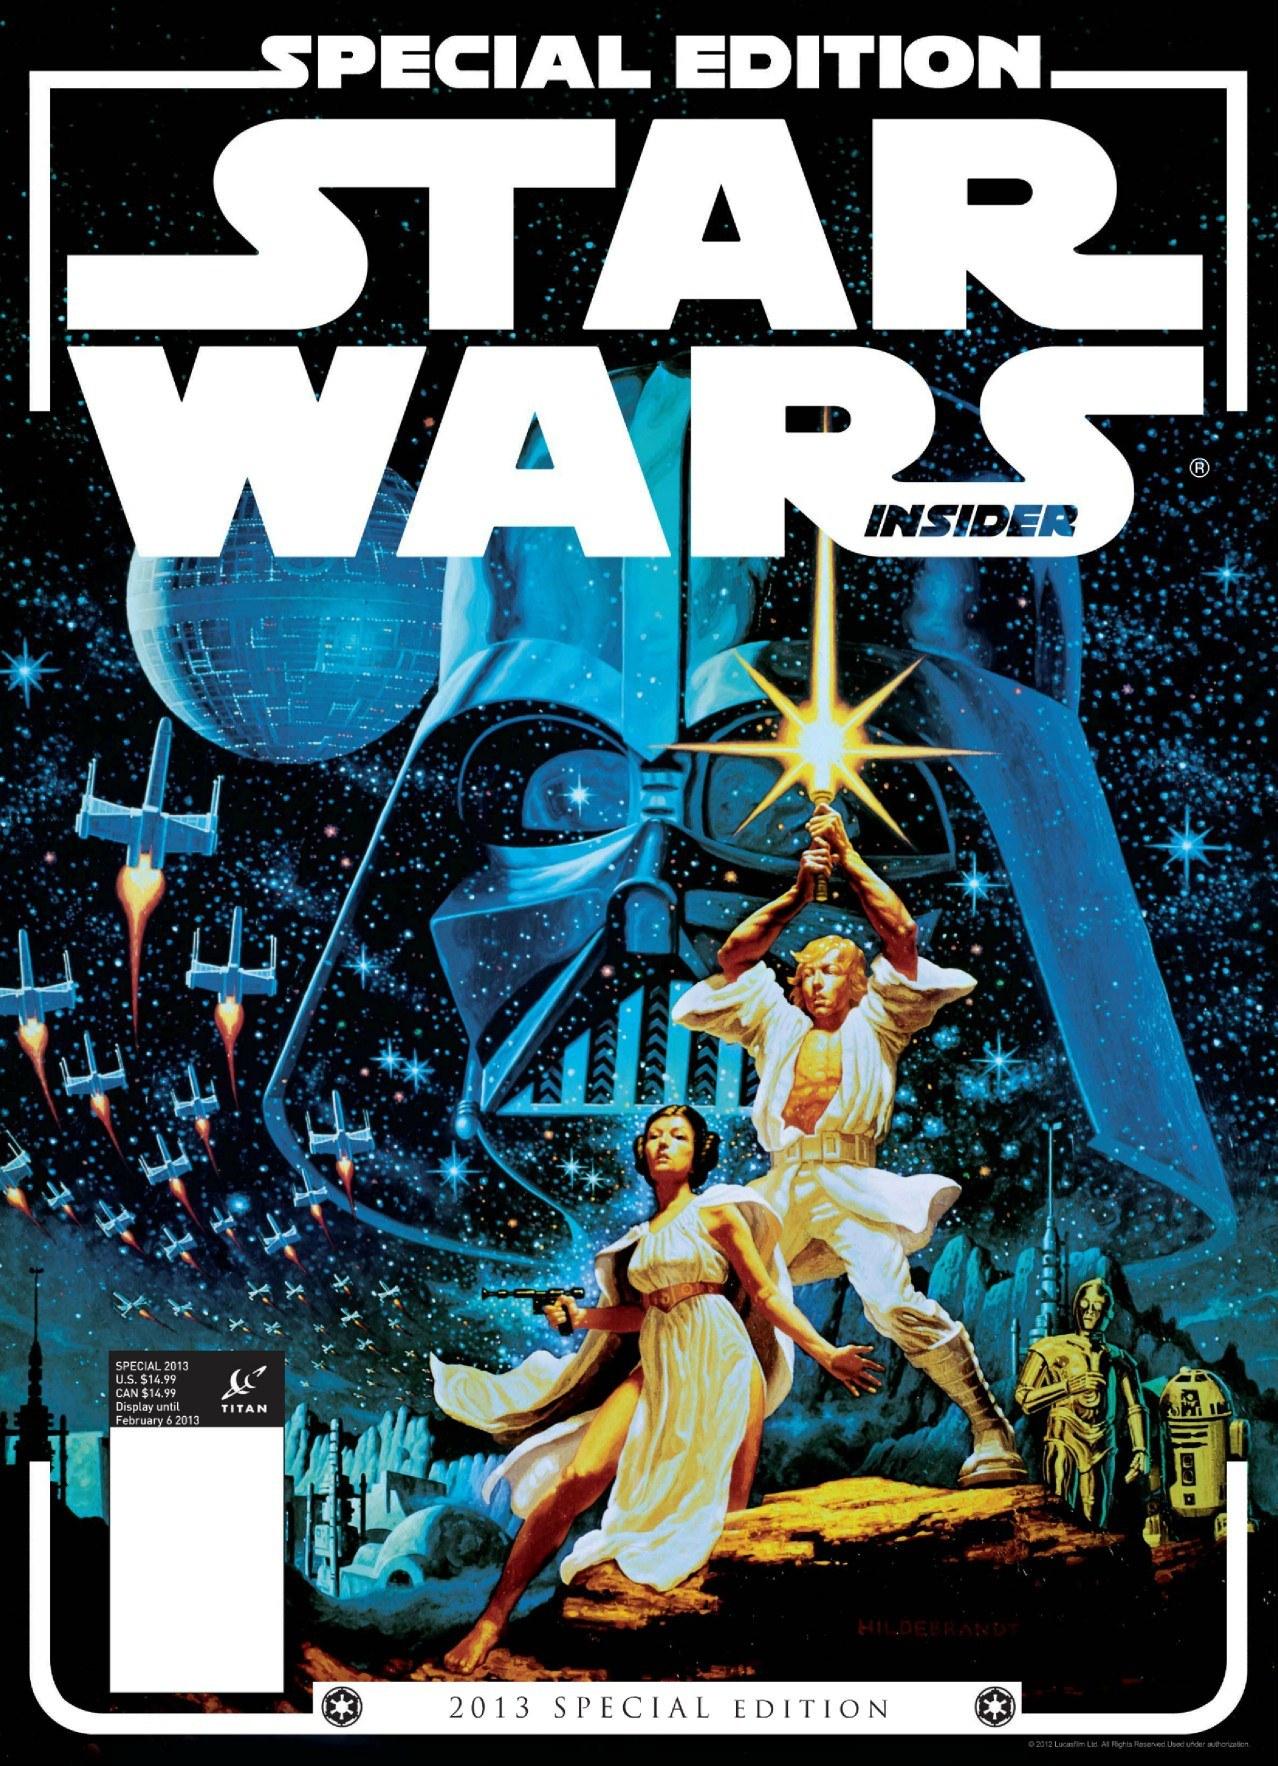 Star Wars Insider Special Edition 2013